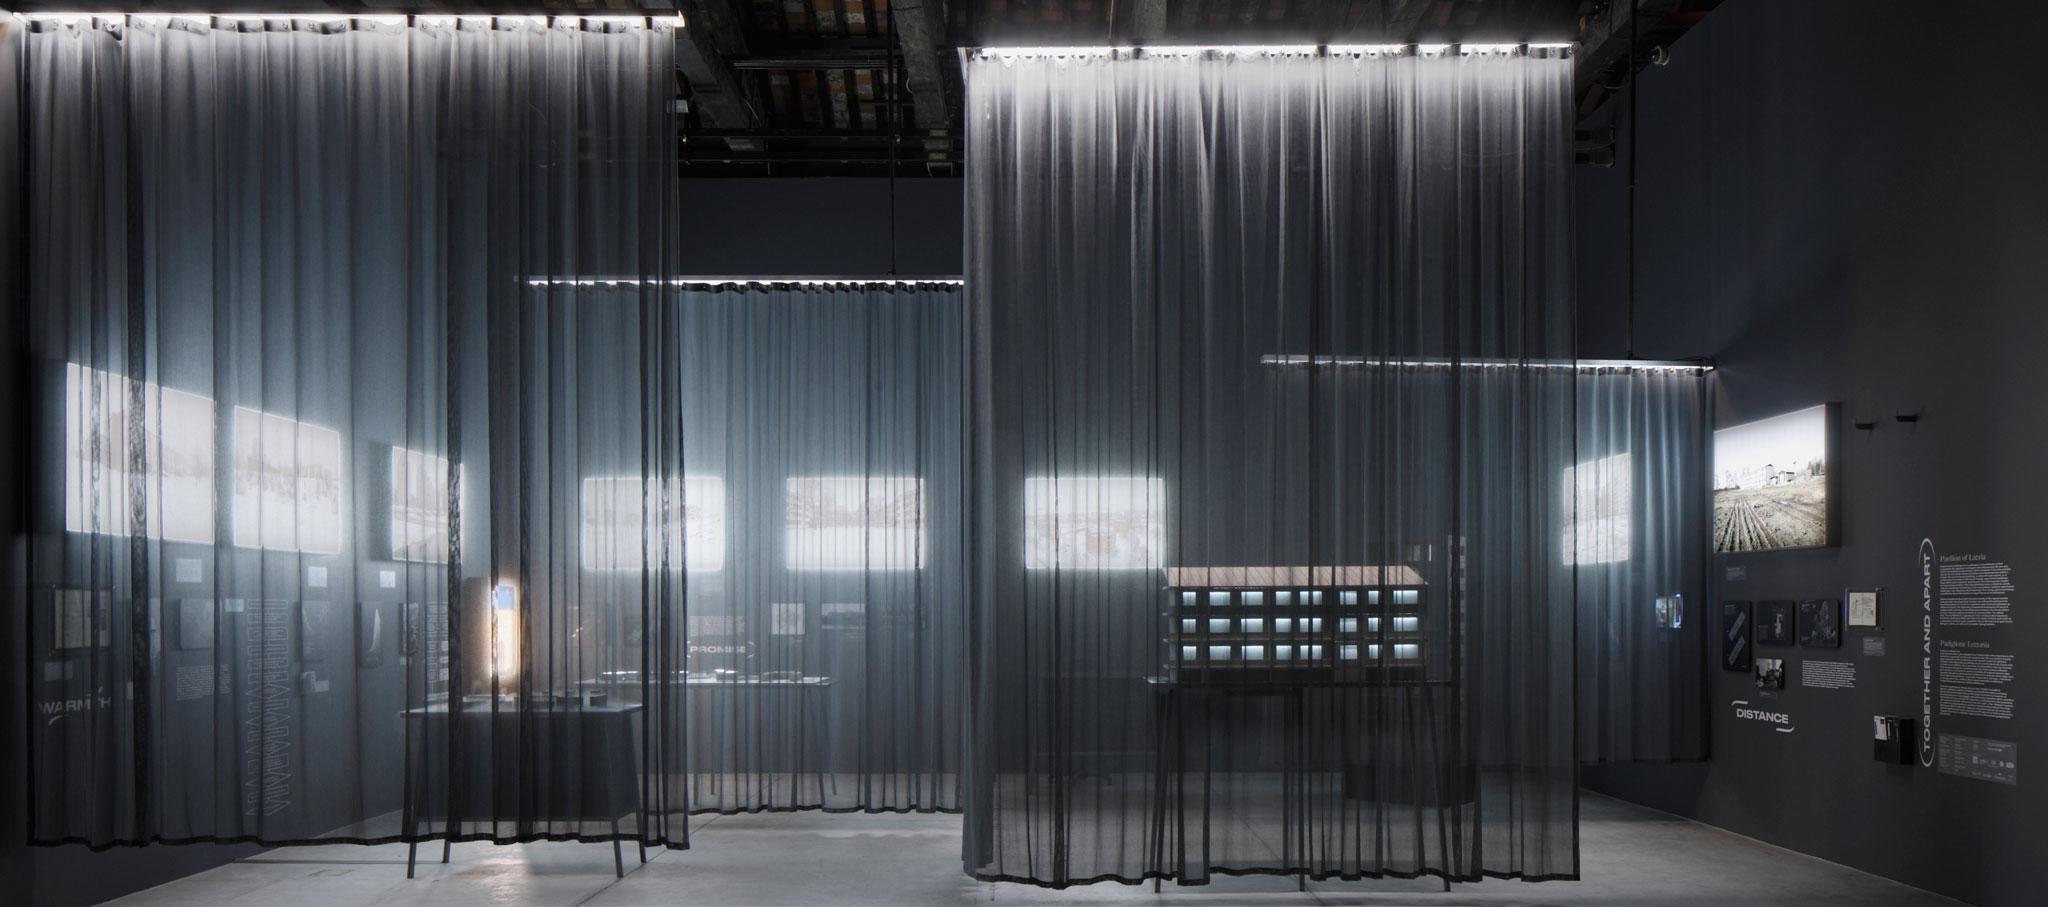 Interior del pabellón. Juntos y separados. Pabellón de Letonia para la XVI Bienal de Arquitectura de Venecia 2018. Fotografía por Ansis-Starks